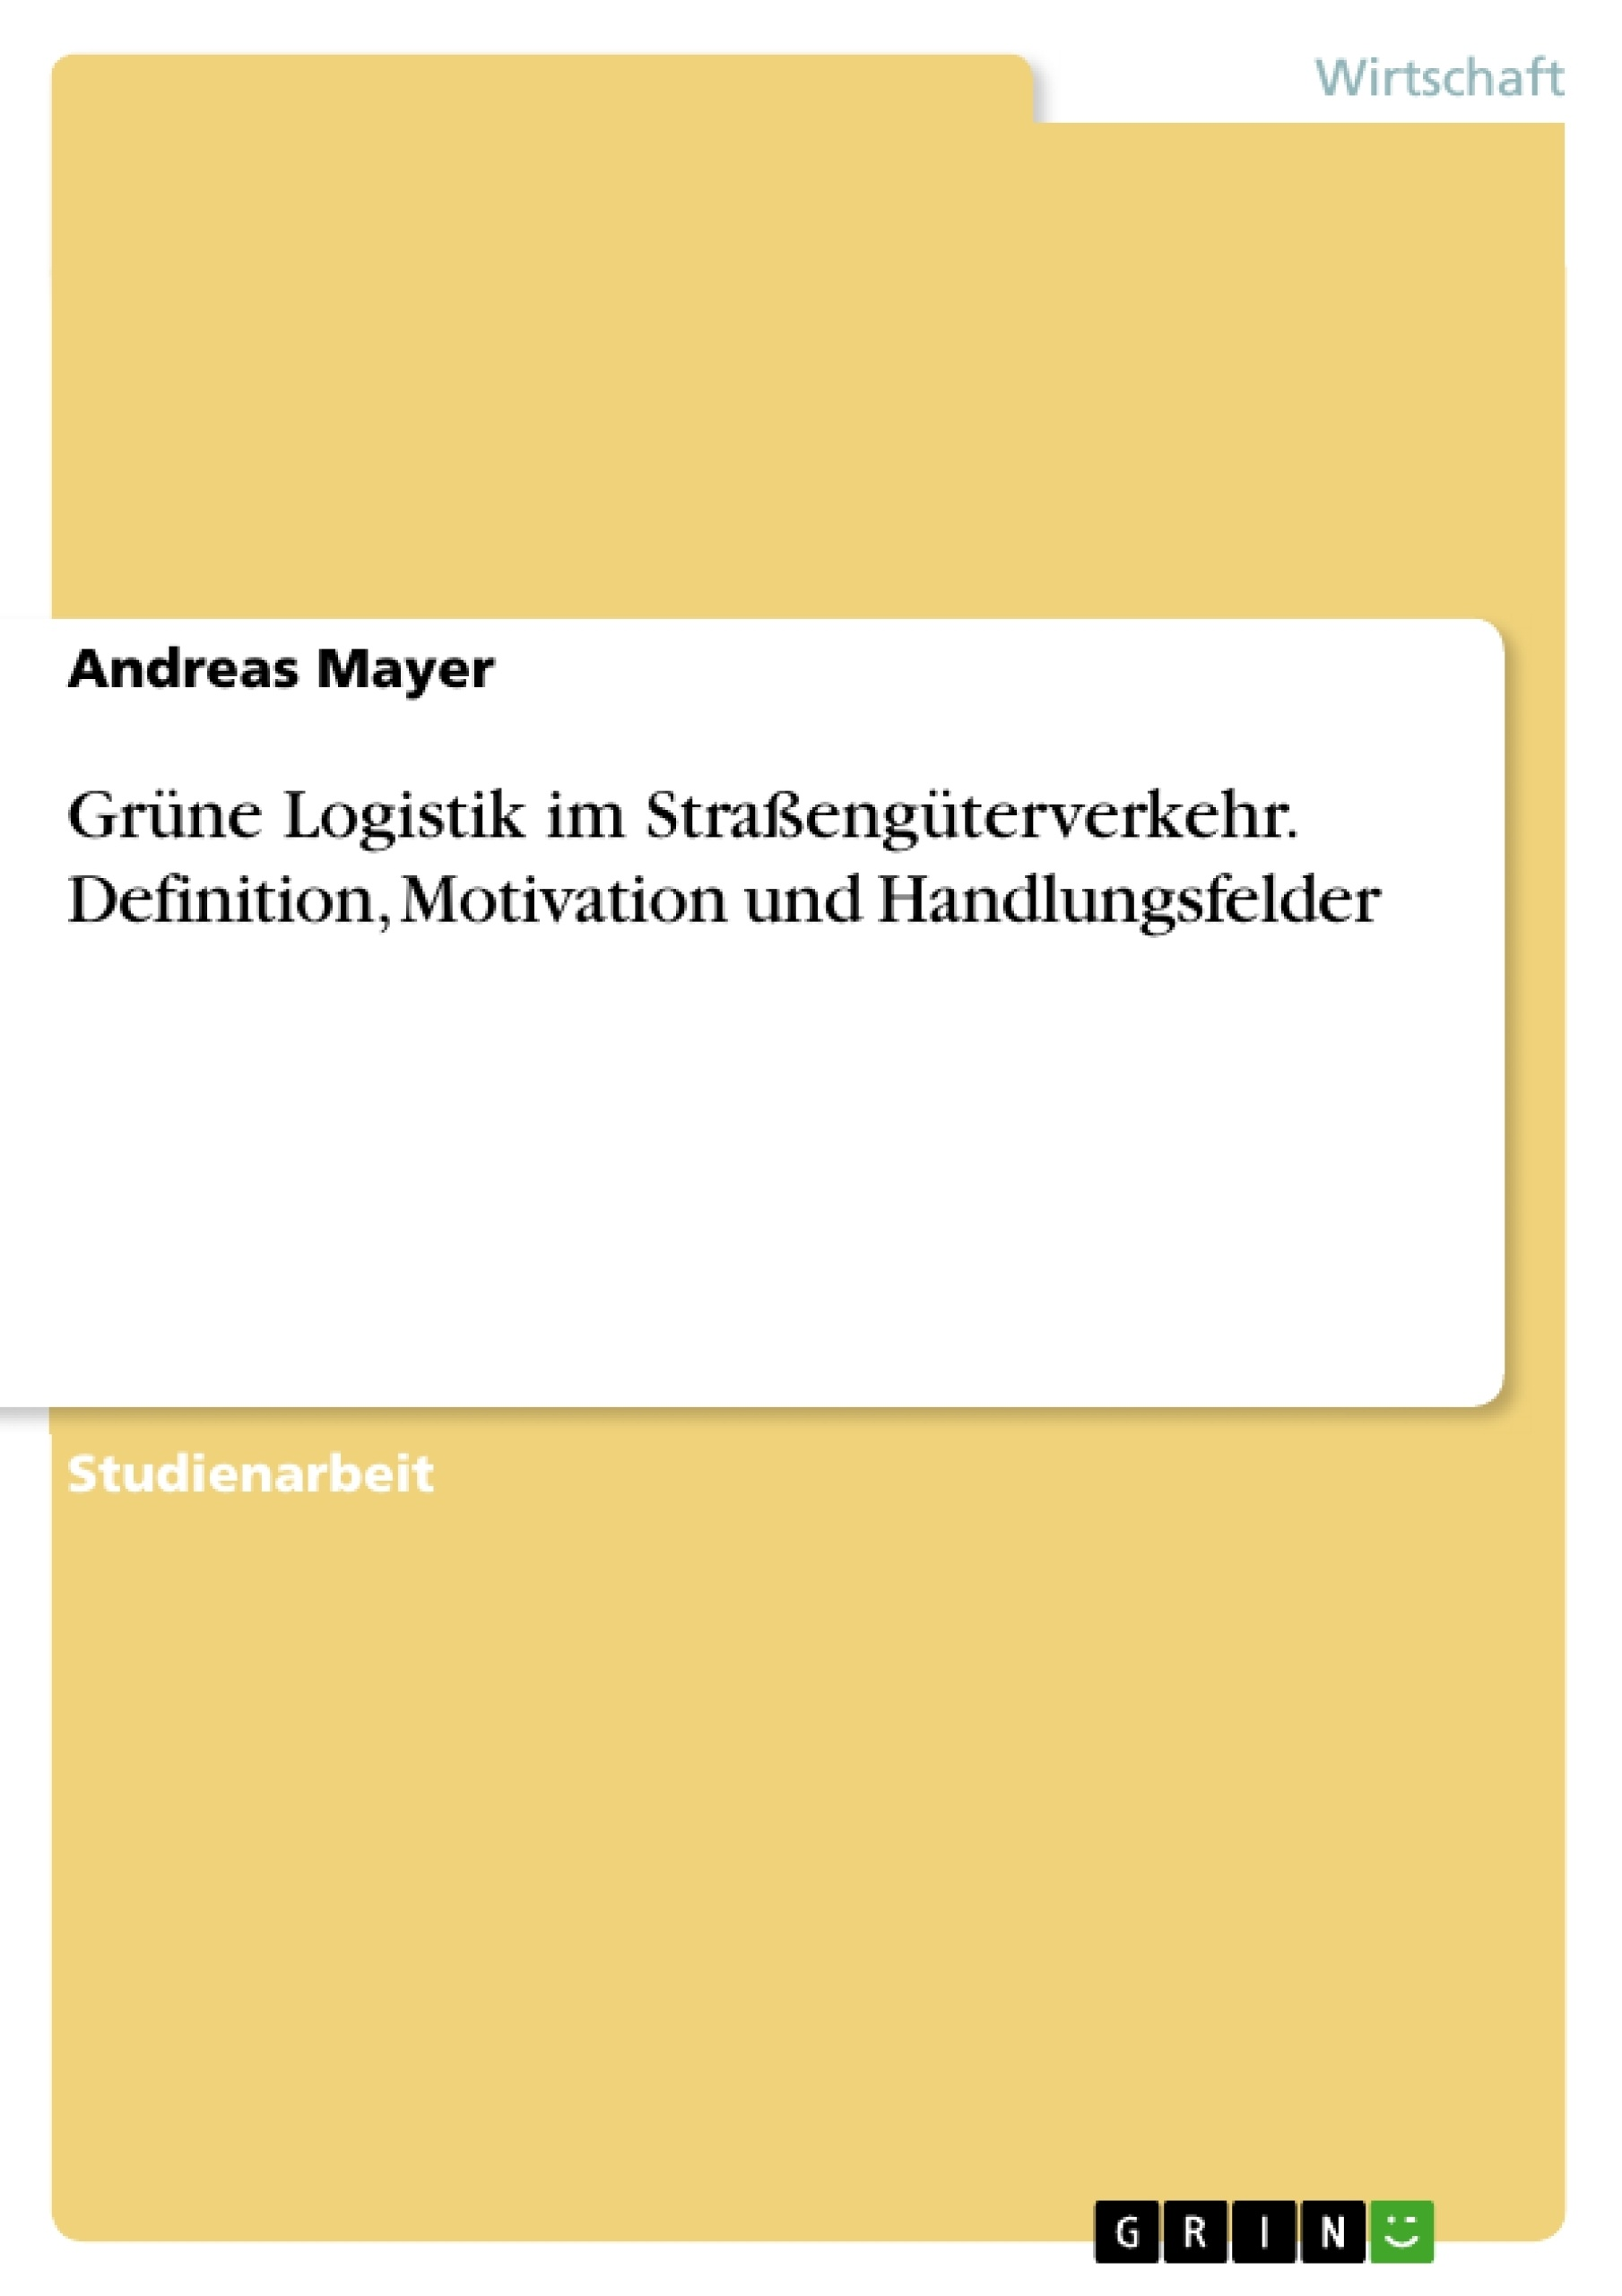 Titel: Grüne Logistik im Straßengüterverkehr. Definition, Motivation und Handlungsfelder